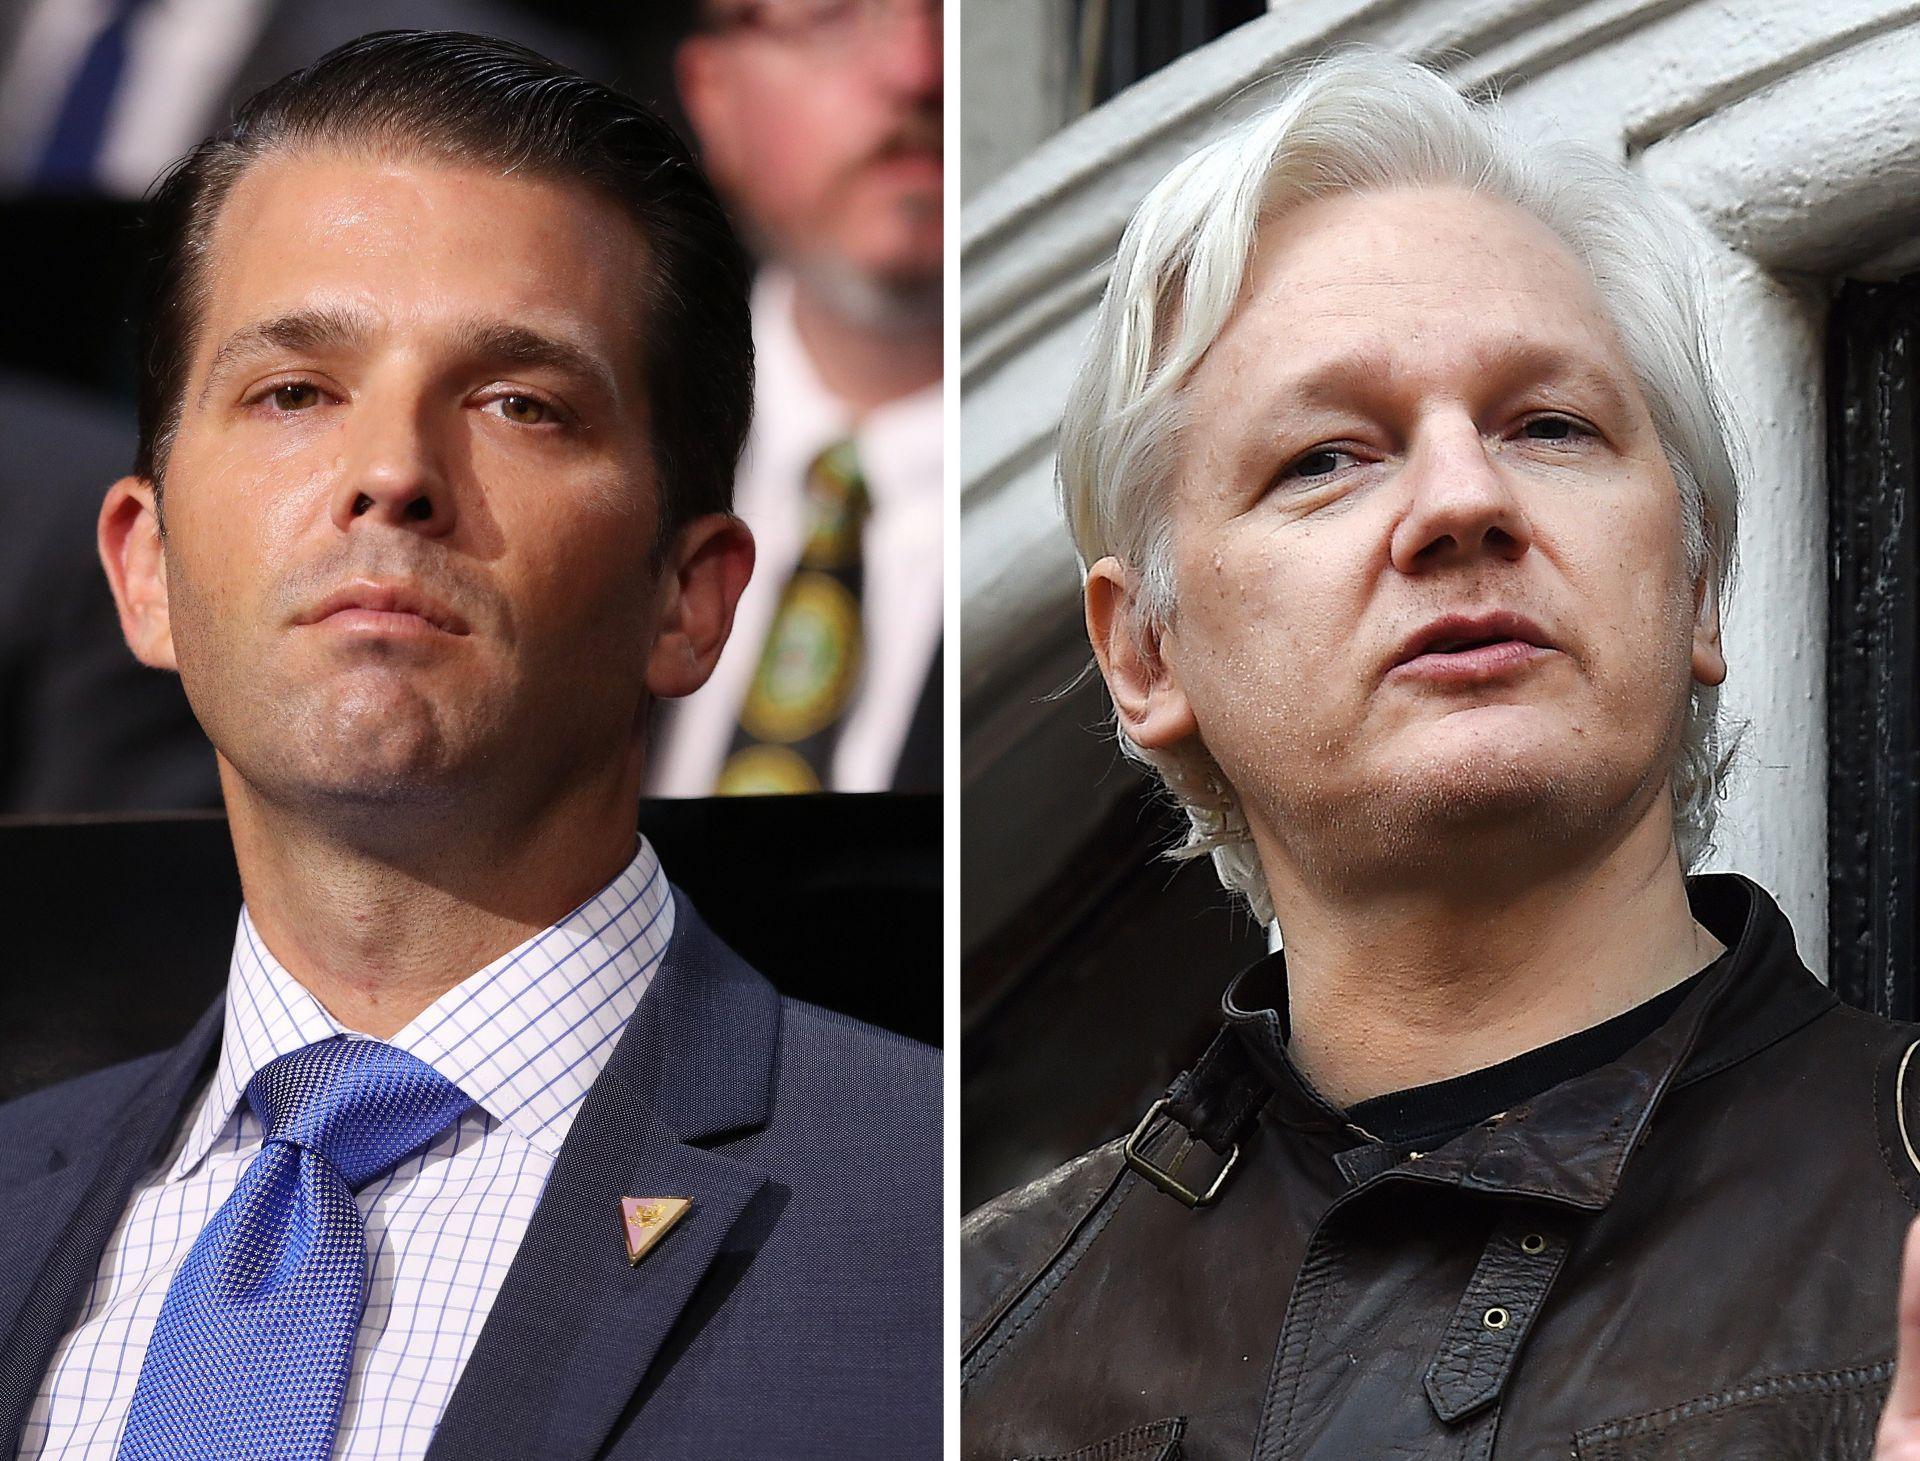 Combo de imágenes que muestra a Donald Trump Jr. (izda), el hijo mayor del presidente estadounidense, en Cleveland, Estados Unidos, el 18 de julio del 2016, y el fundador de Wikileaks Julian Assange, en la embajada de Ecuador de Londres, Reino Unido, el 19 de mayo del 2017. Trump Jr. intercambió mensajes con Wikileaks durante la campaña a la Casa Blanca de hace un año, según reconoció él mismo este lunes por la noche.